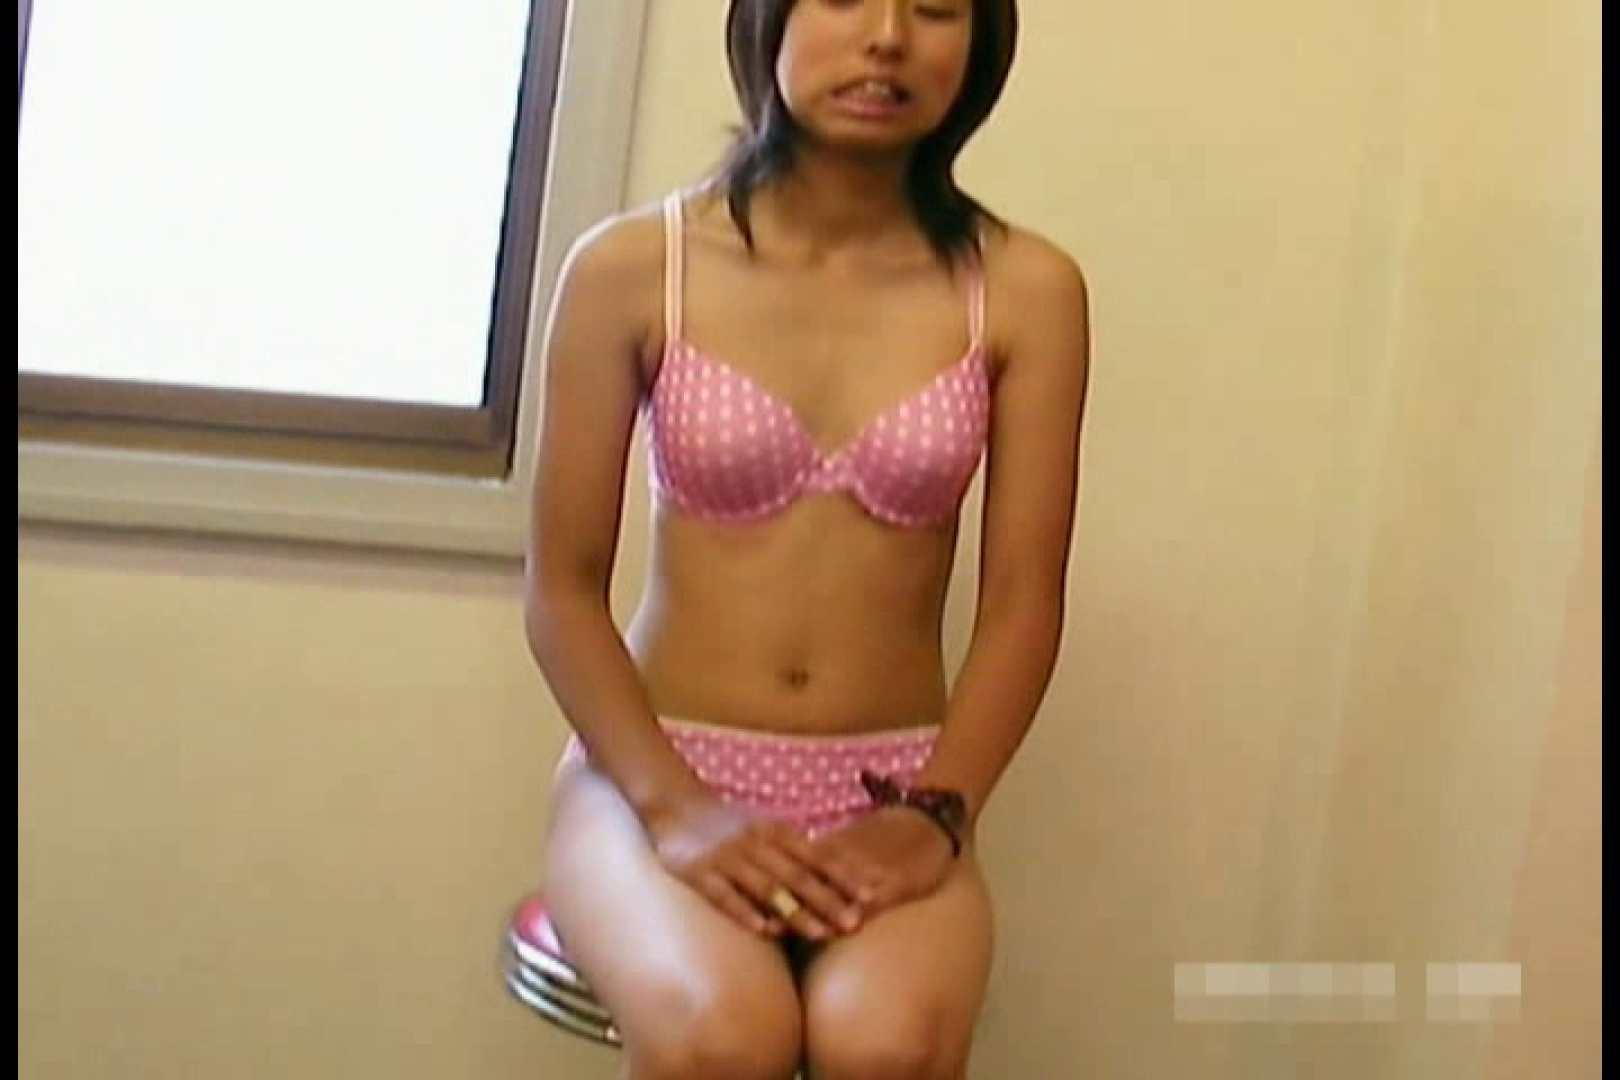 素人撮影 下着だけの撮影のはずが・・・エミちゃん18歳 素人 戯れ無修正画像 107pic 29